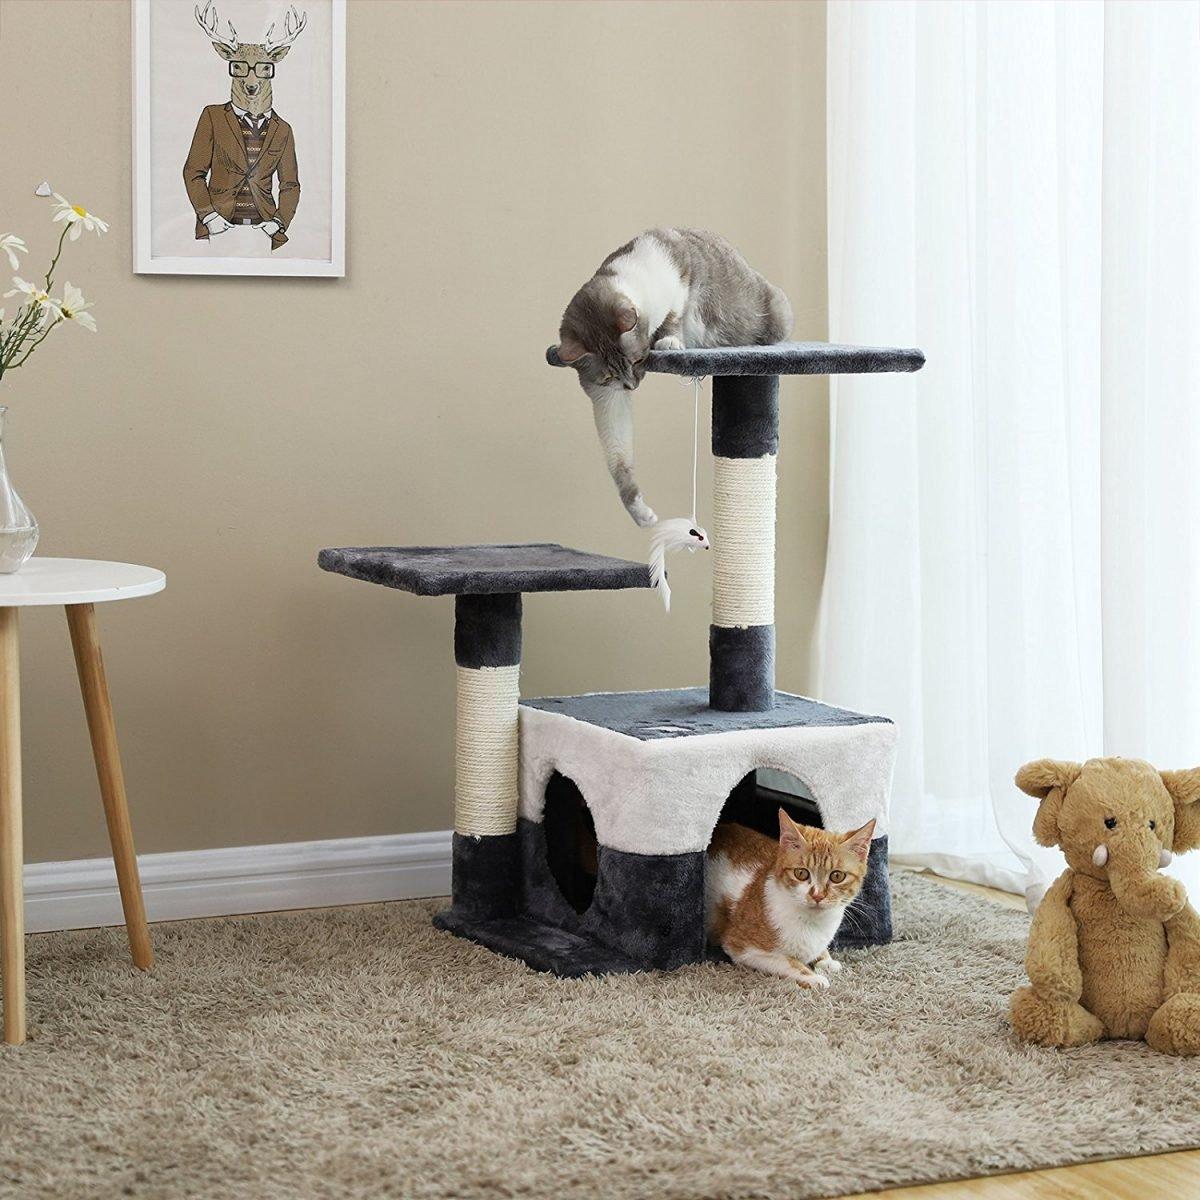 Comment Construire Un Arbre À Chat construire son arbre à chat : quelques conseils pratiques